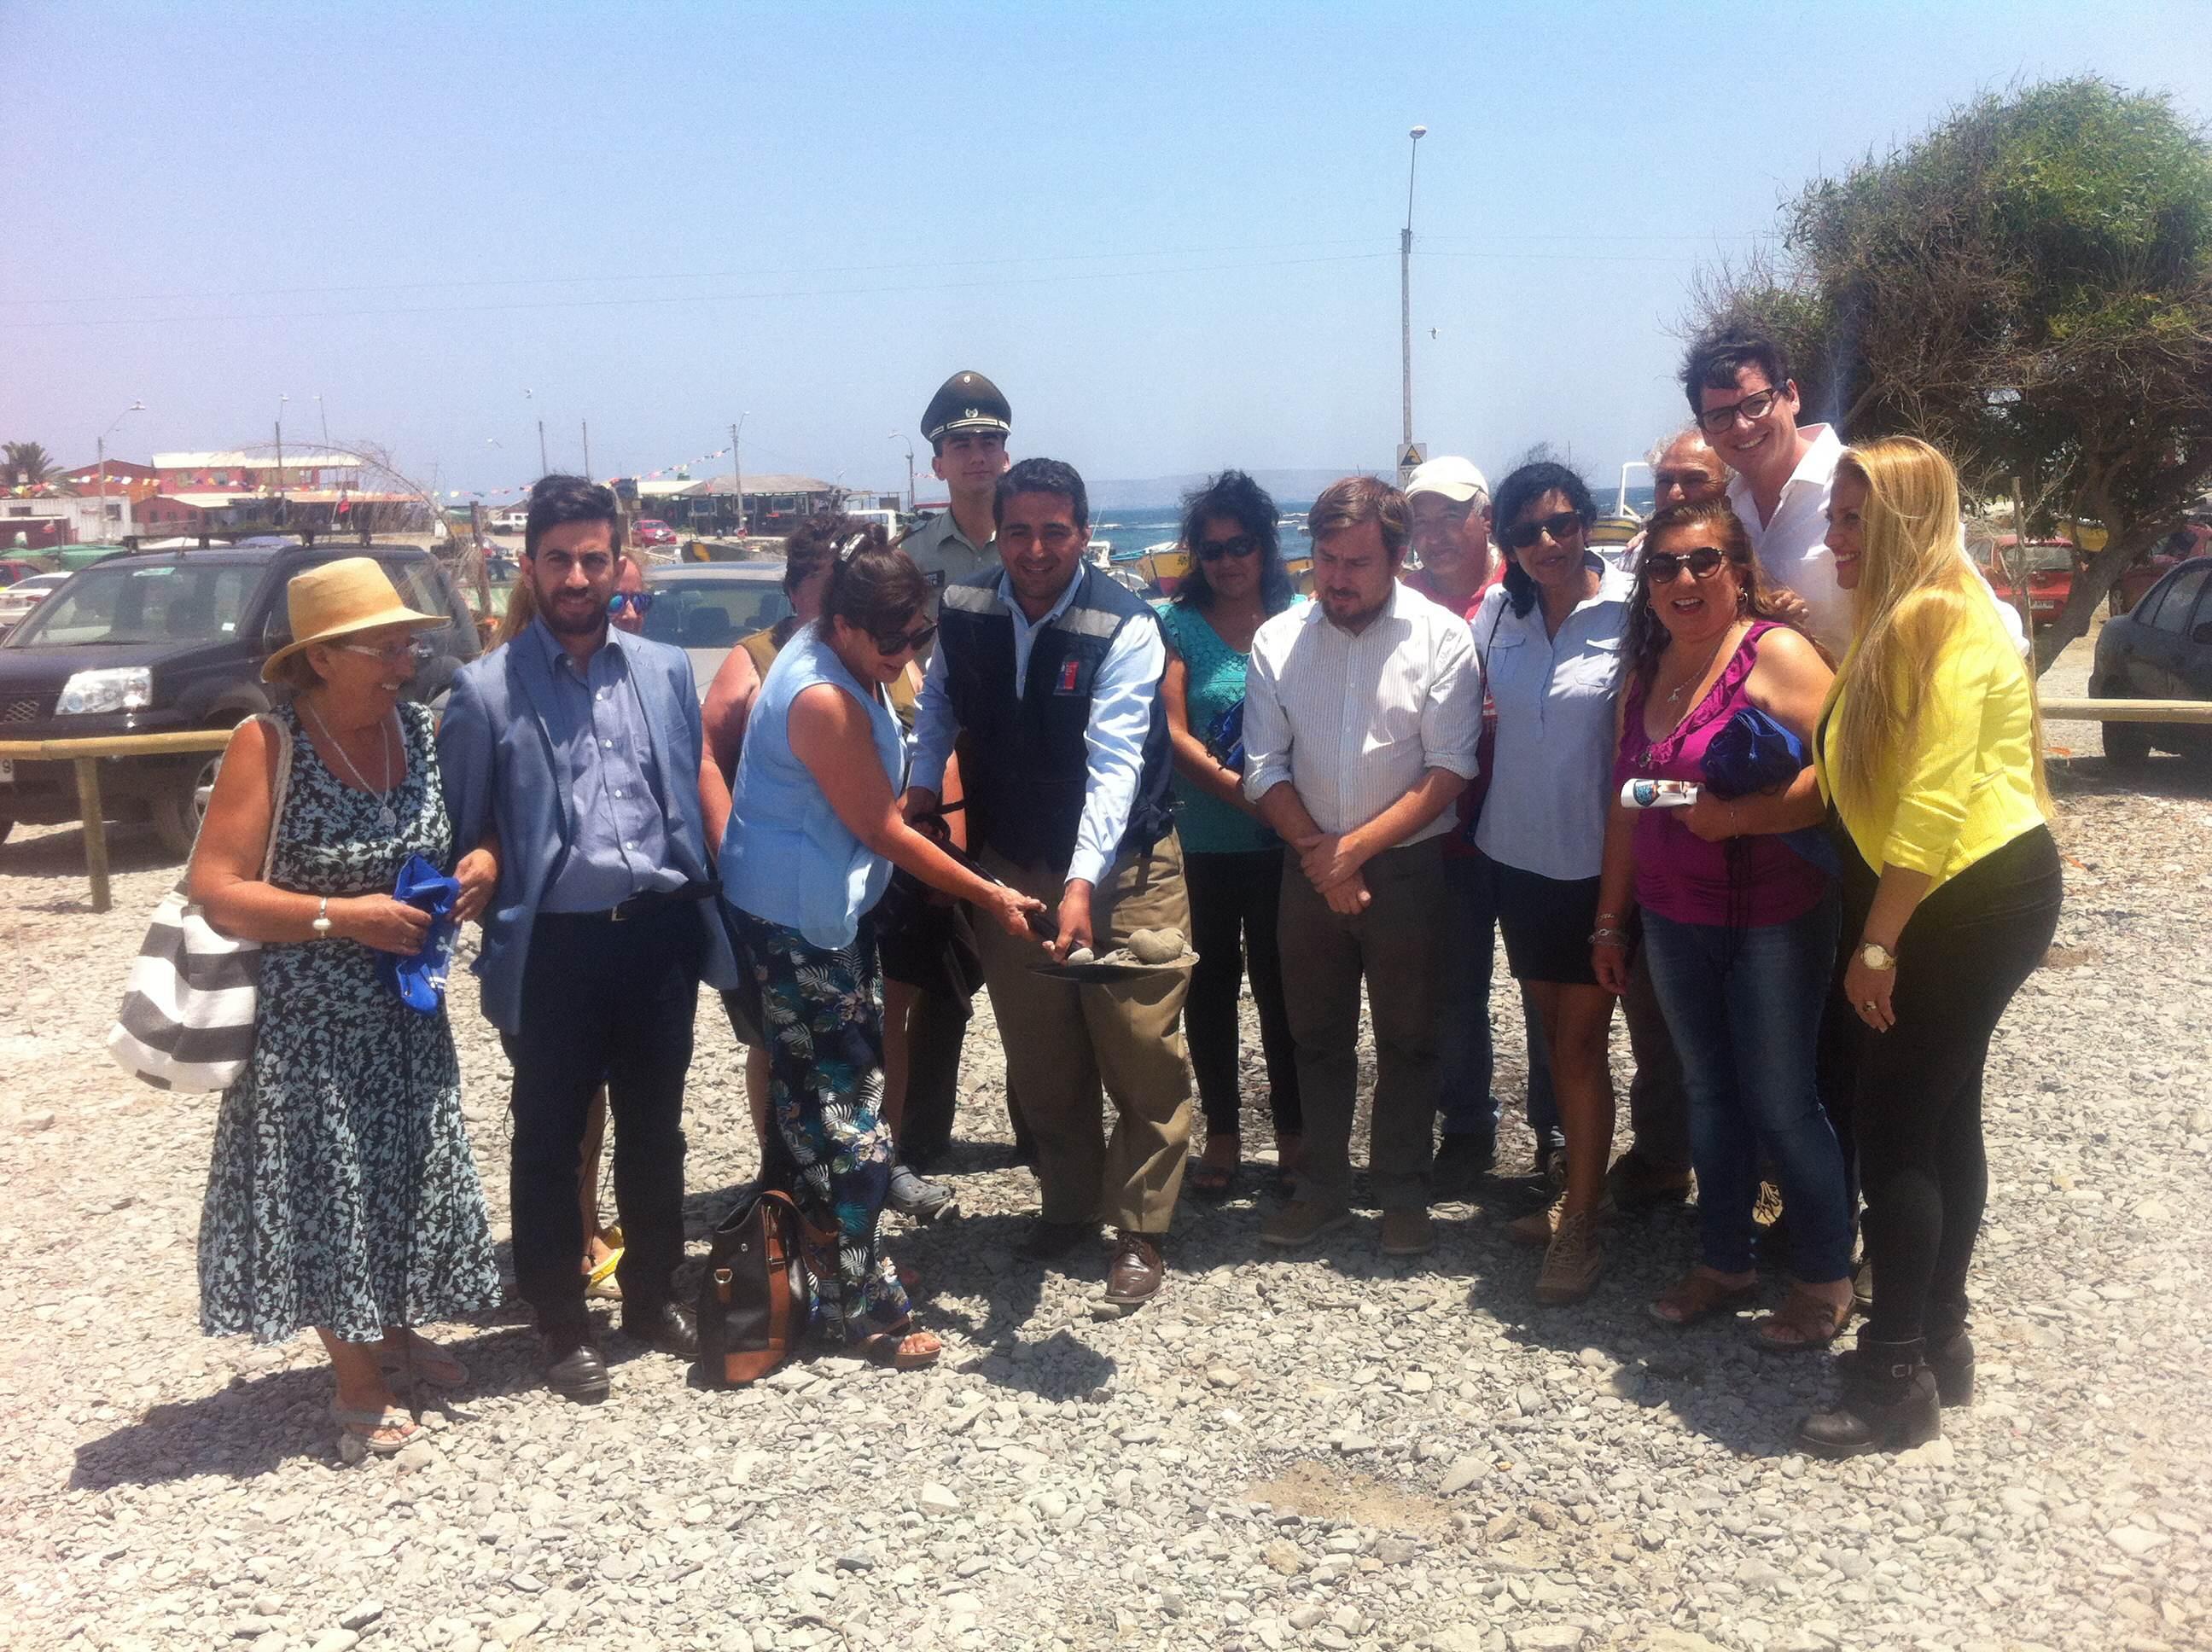 Comienza implementación de 25 postes de iluminación fotovoltaica  en Caleta Chañaral de Aceituno